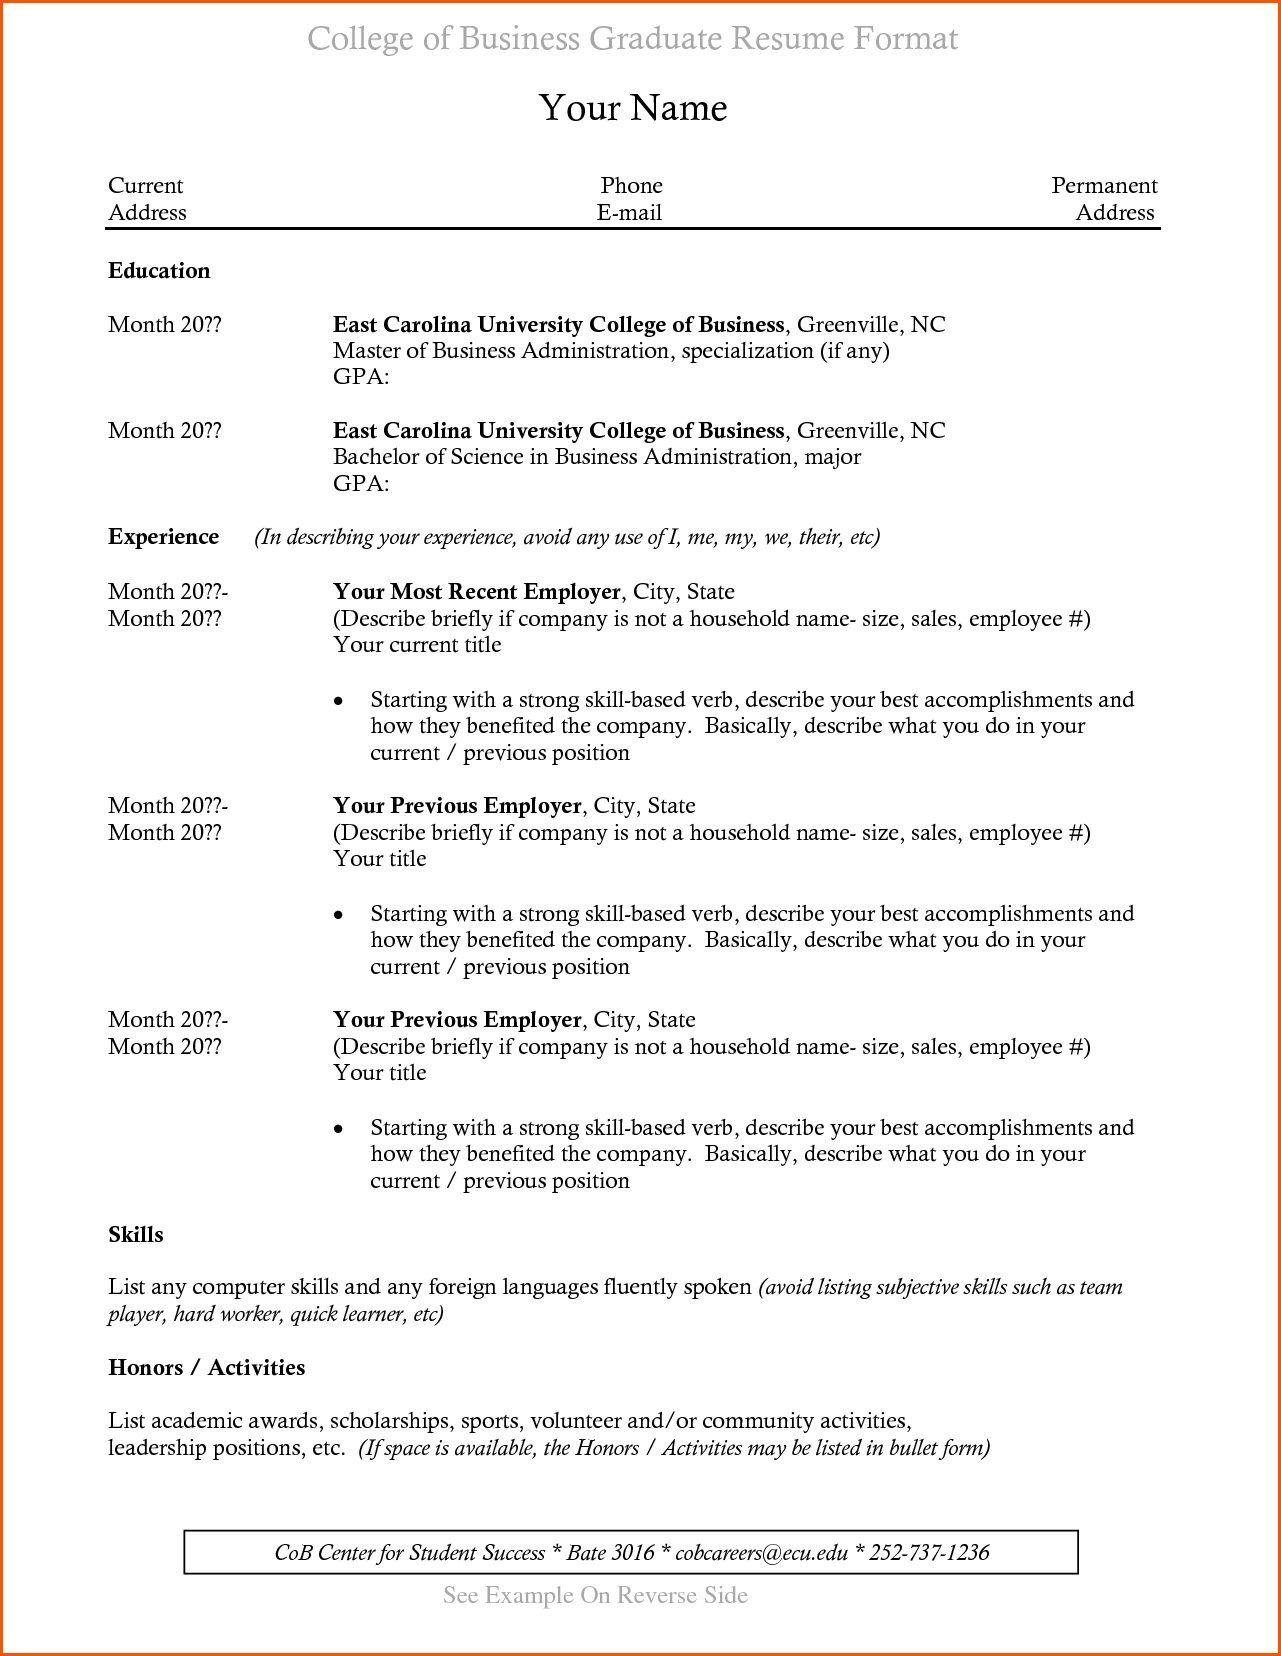 Recent College Graduate Resume examples